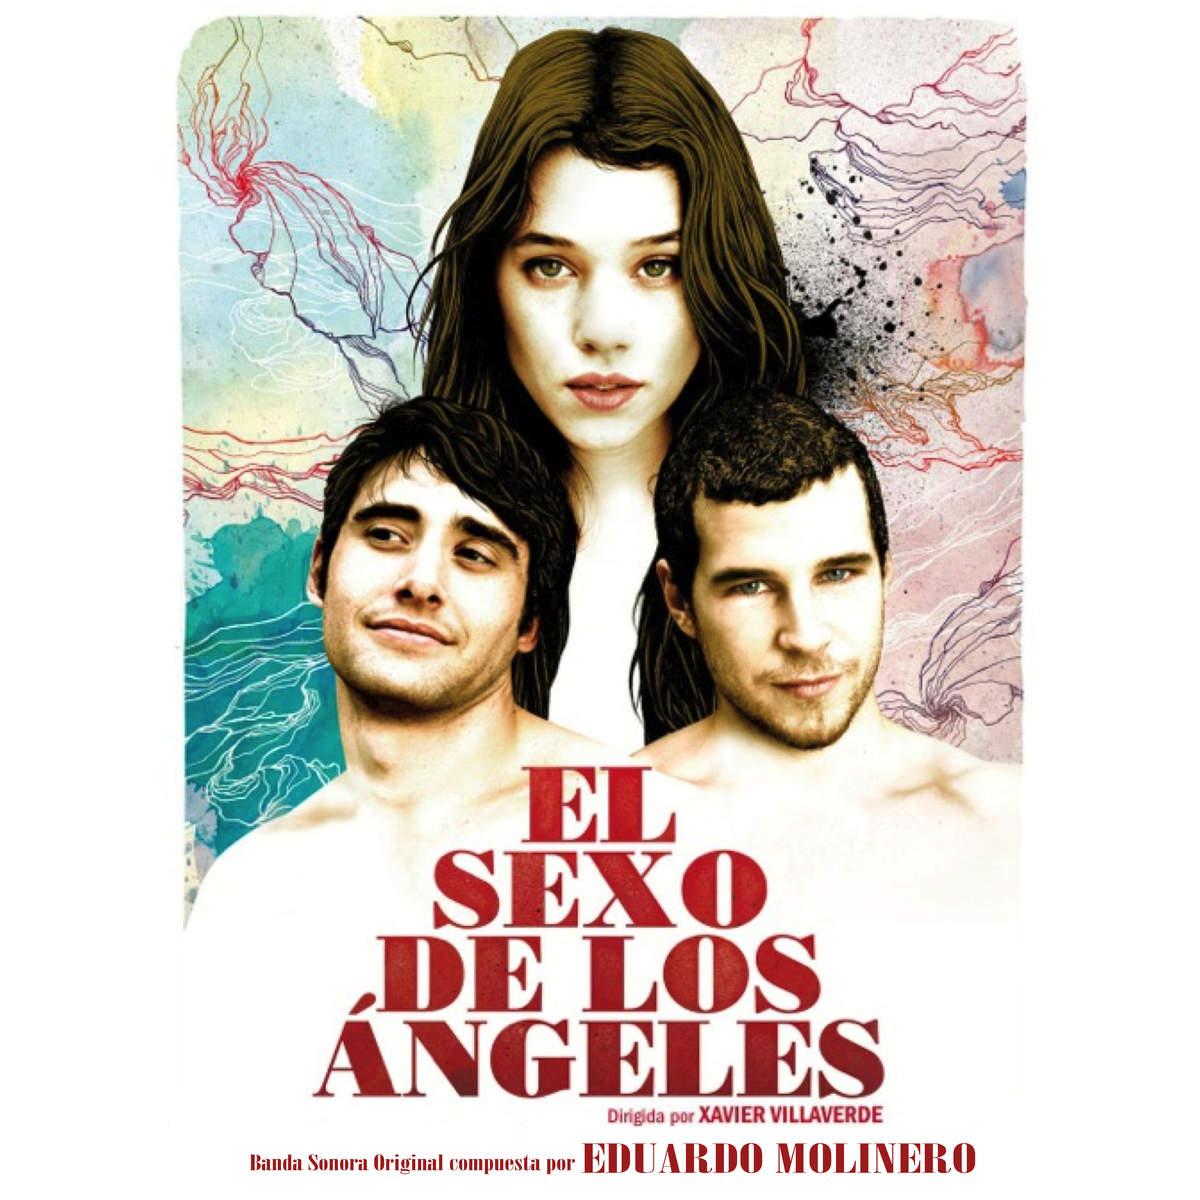 Смотреть фильм любовь секс и лос